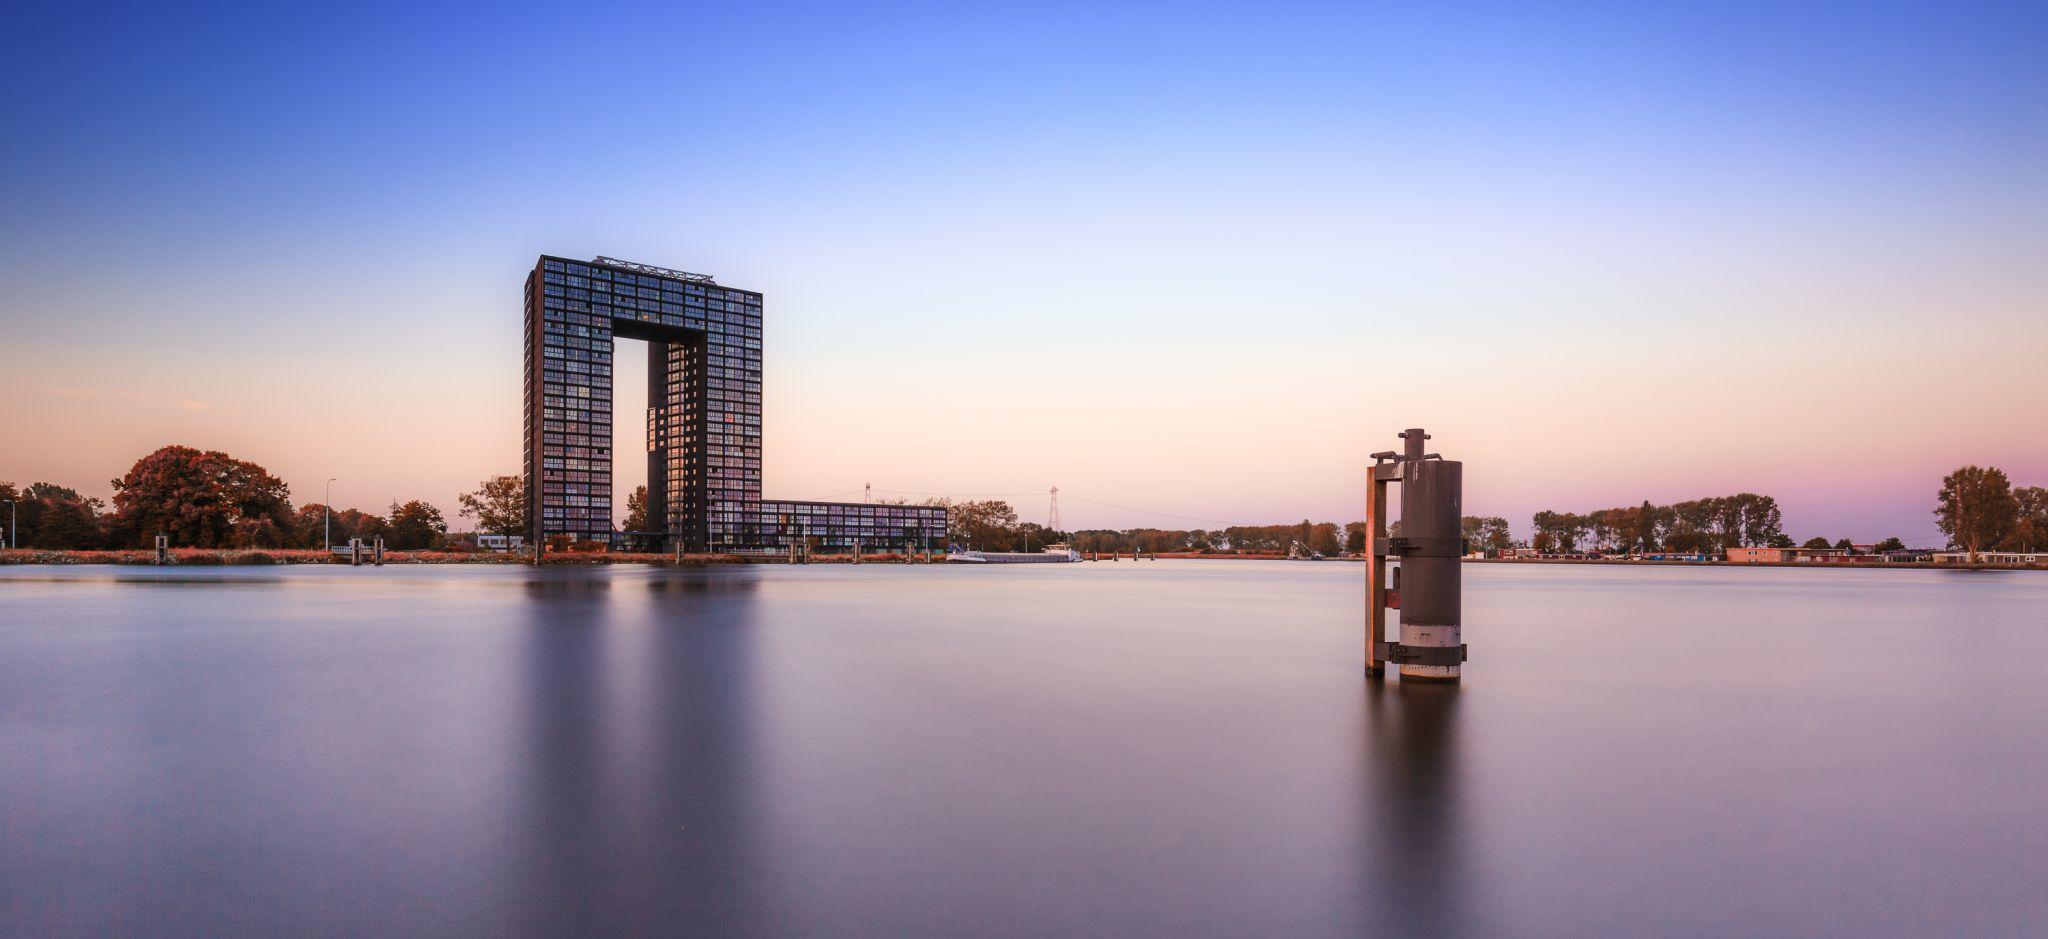 Tasman Toren, Netherlands